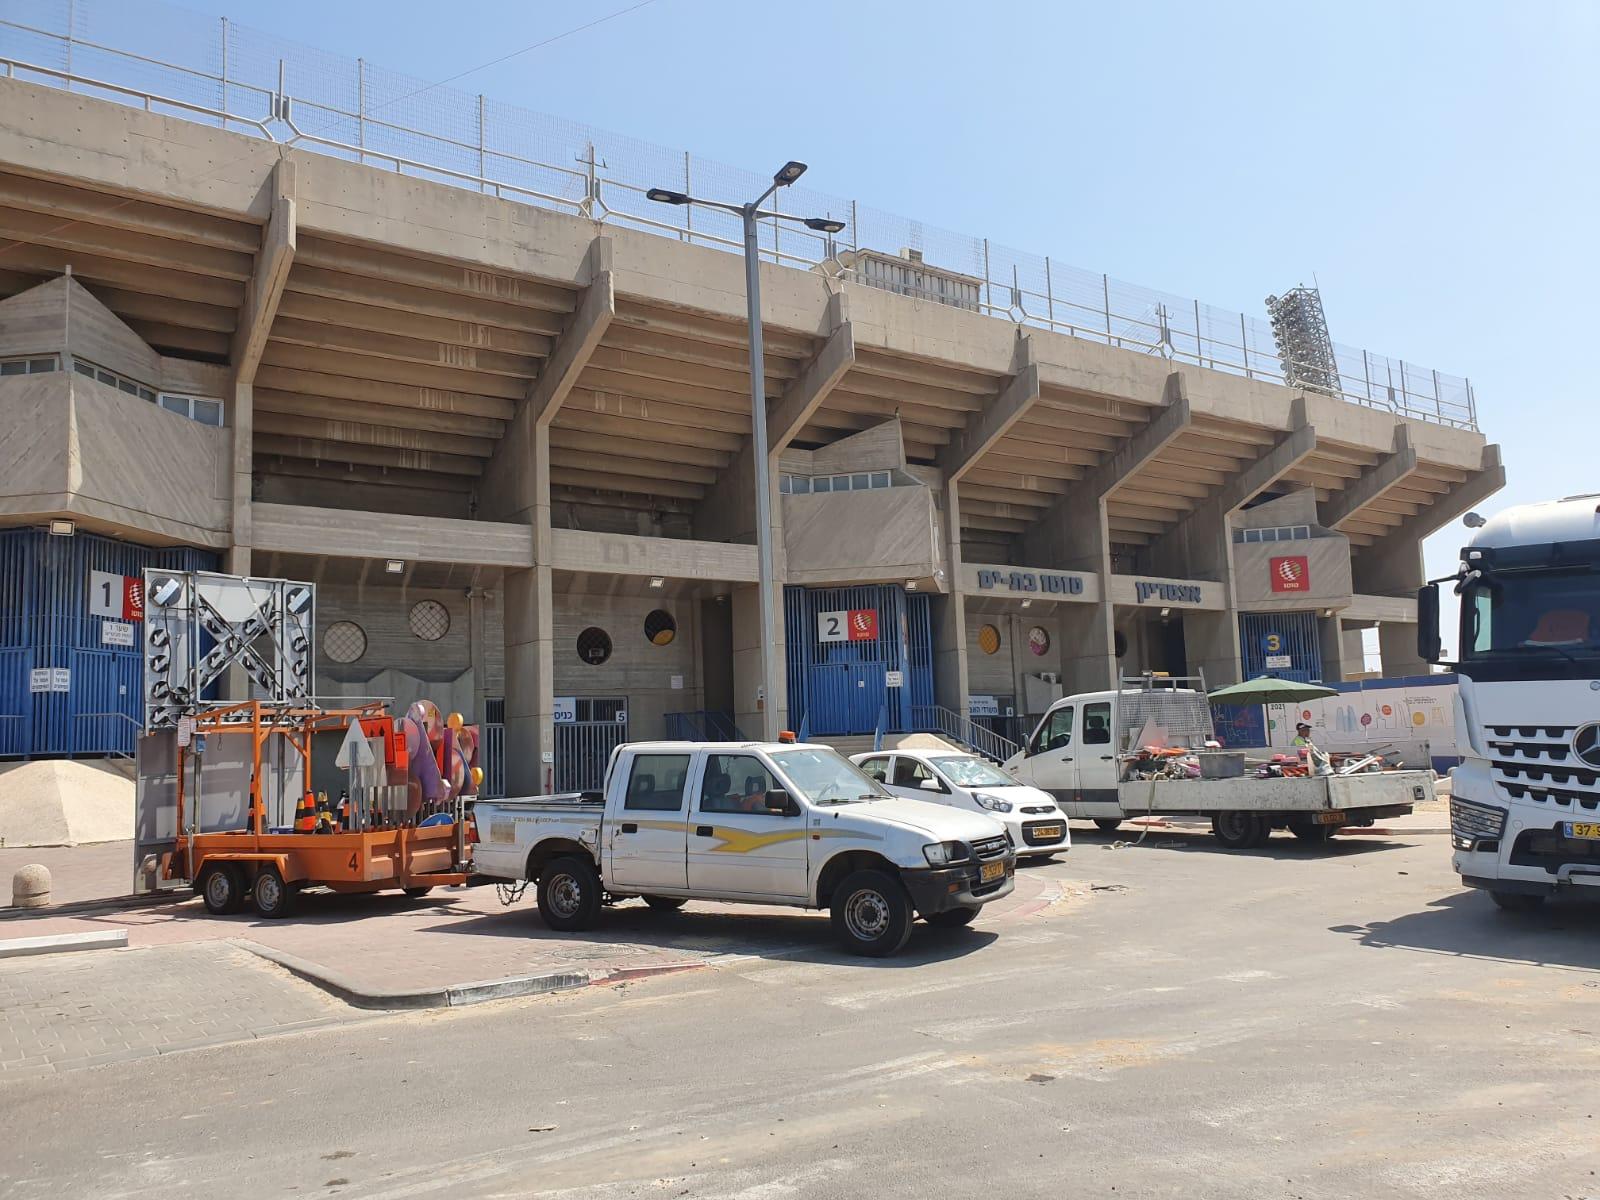 האצטדיון העירוני של בת ים. צילום: אביחי חיים כתב השקמה